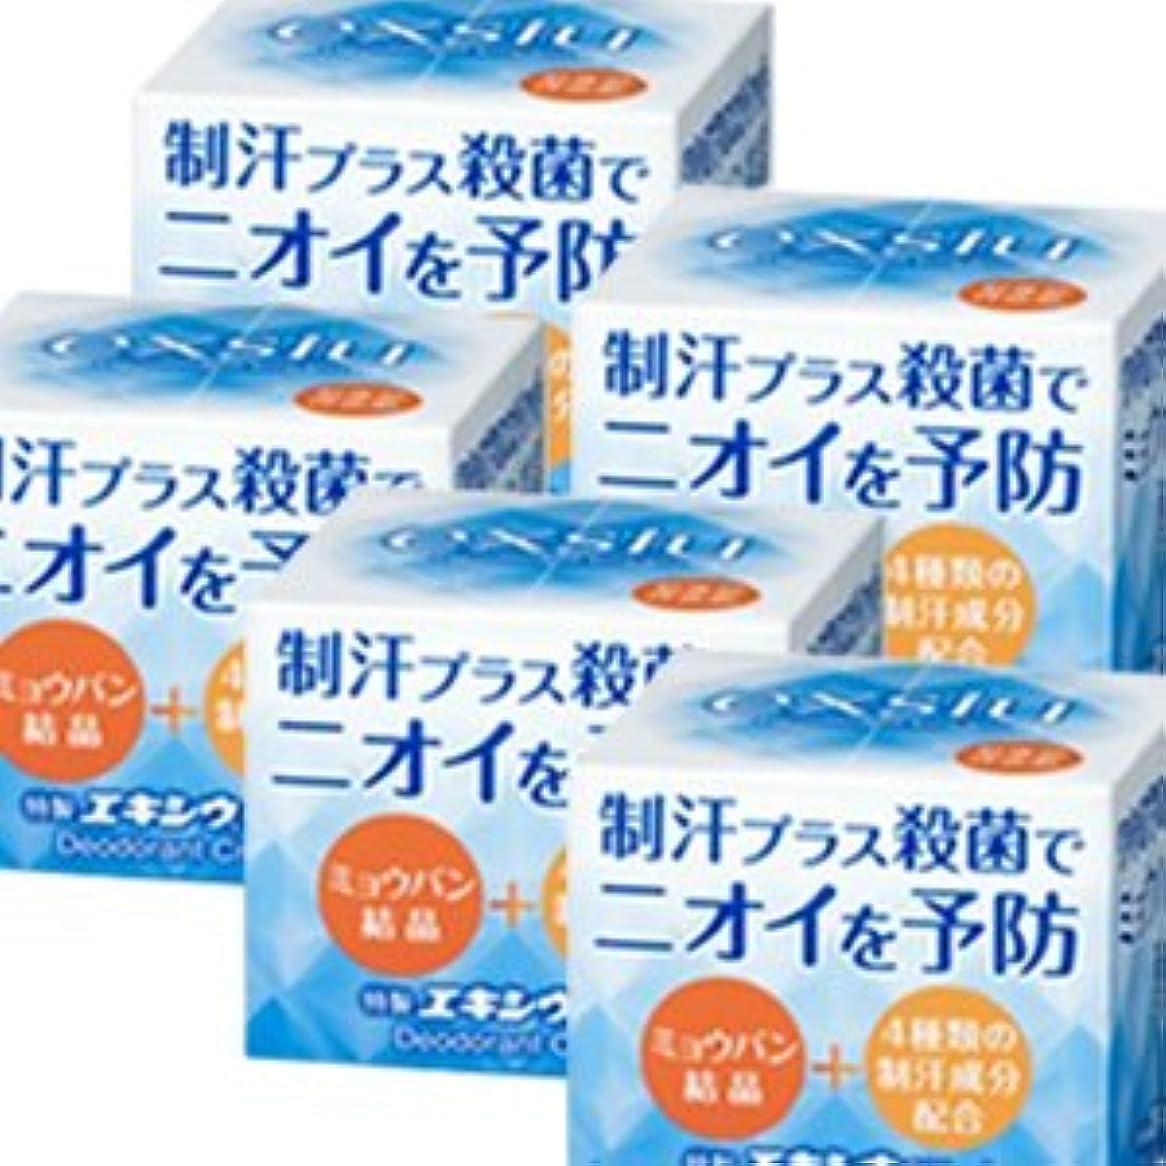 公園スワップ差別する【5個】 特製エキシウクリーム 30gx5個 (4987145200228)